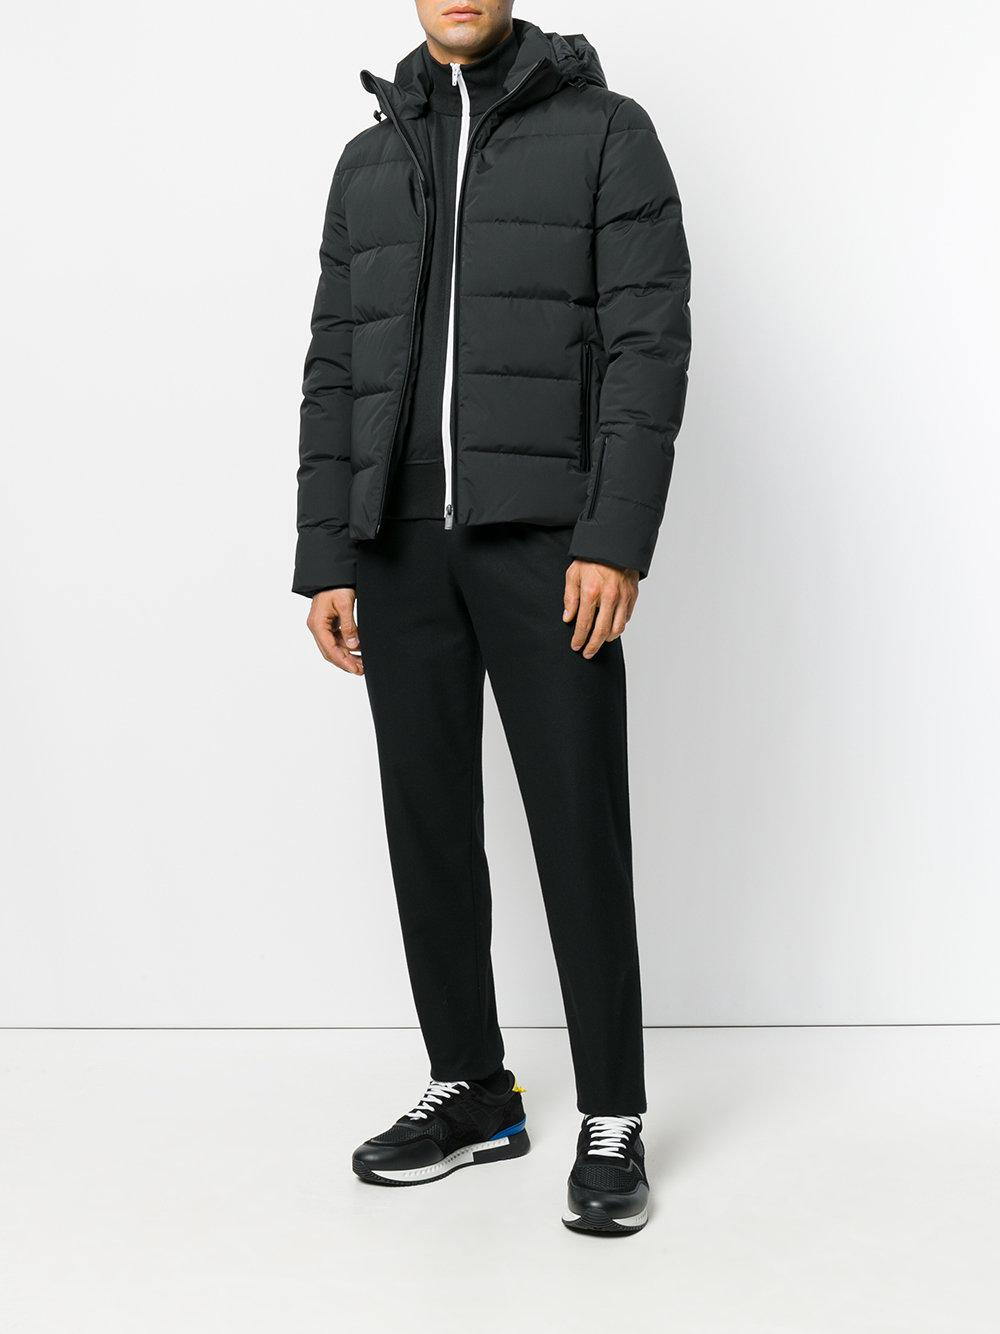 Lyst - Doudoune Bag Bugs Fendi pour homme en coloris Noir 293df49a915